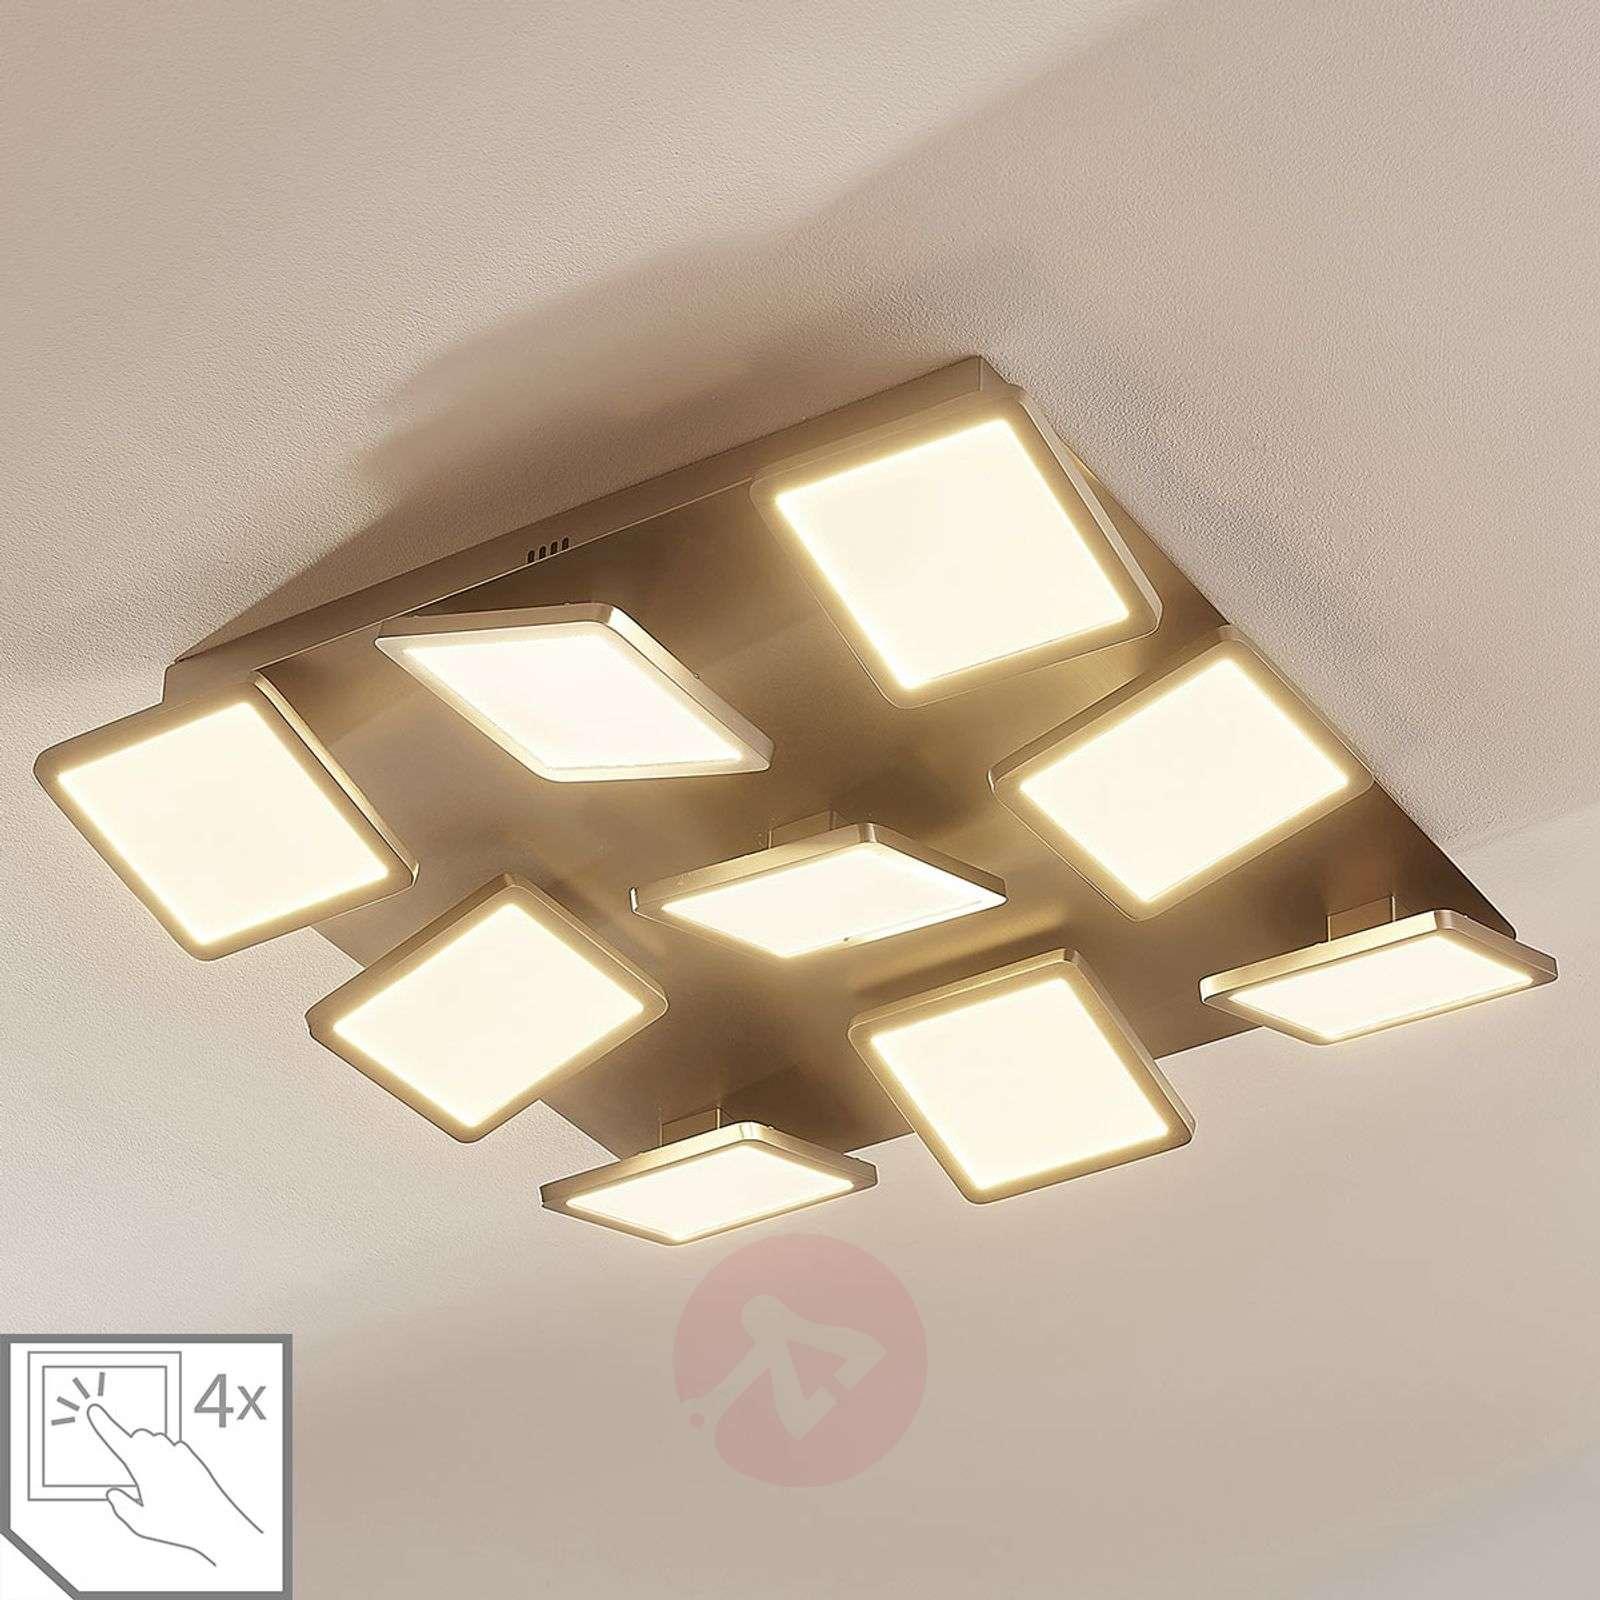 LED-kattolamppu Stephanie, himmennettävä, 9-lampp.-9621423-02